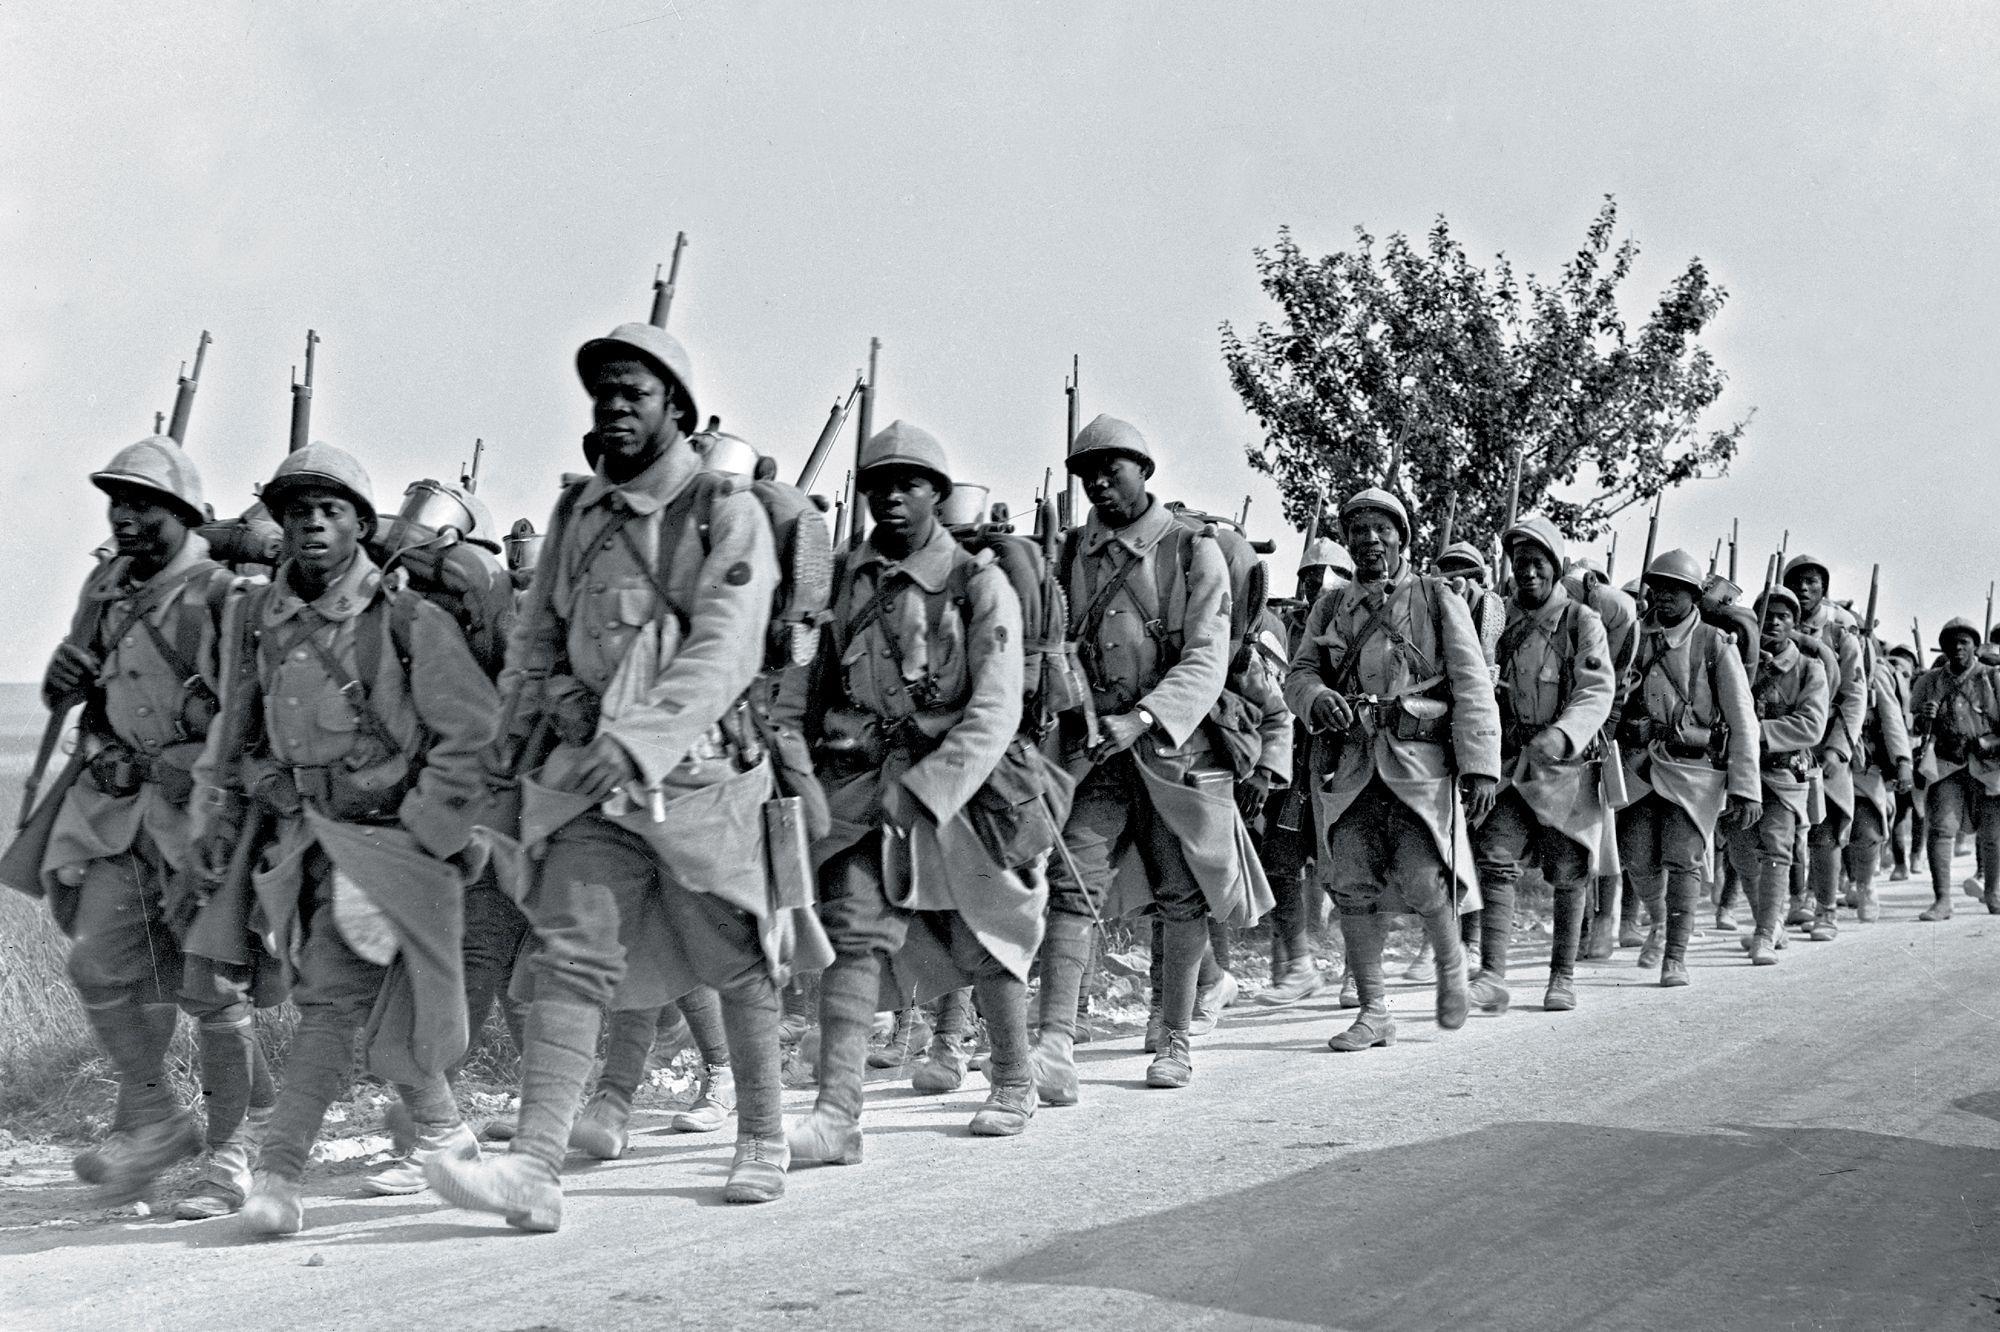 Soldats étrangers et coloniaux dans la Grande Guerre |